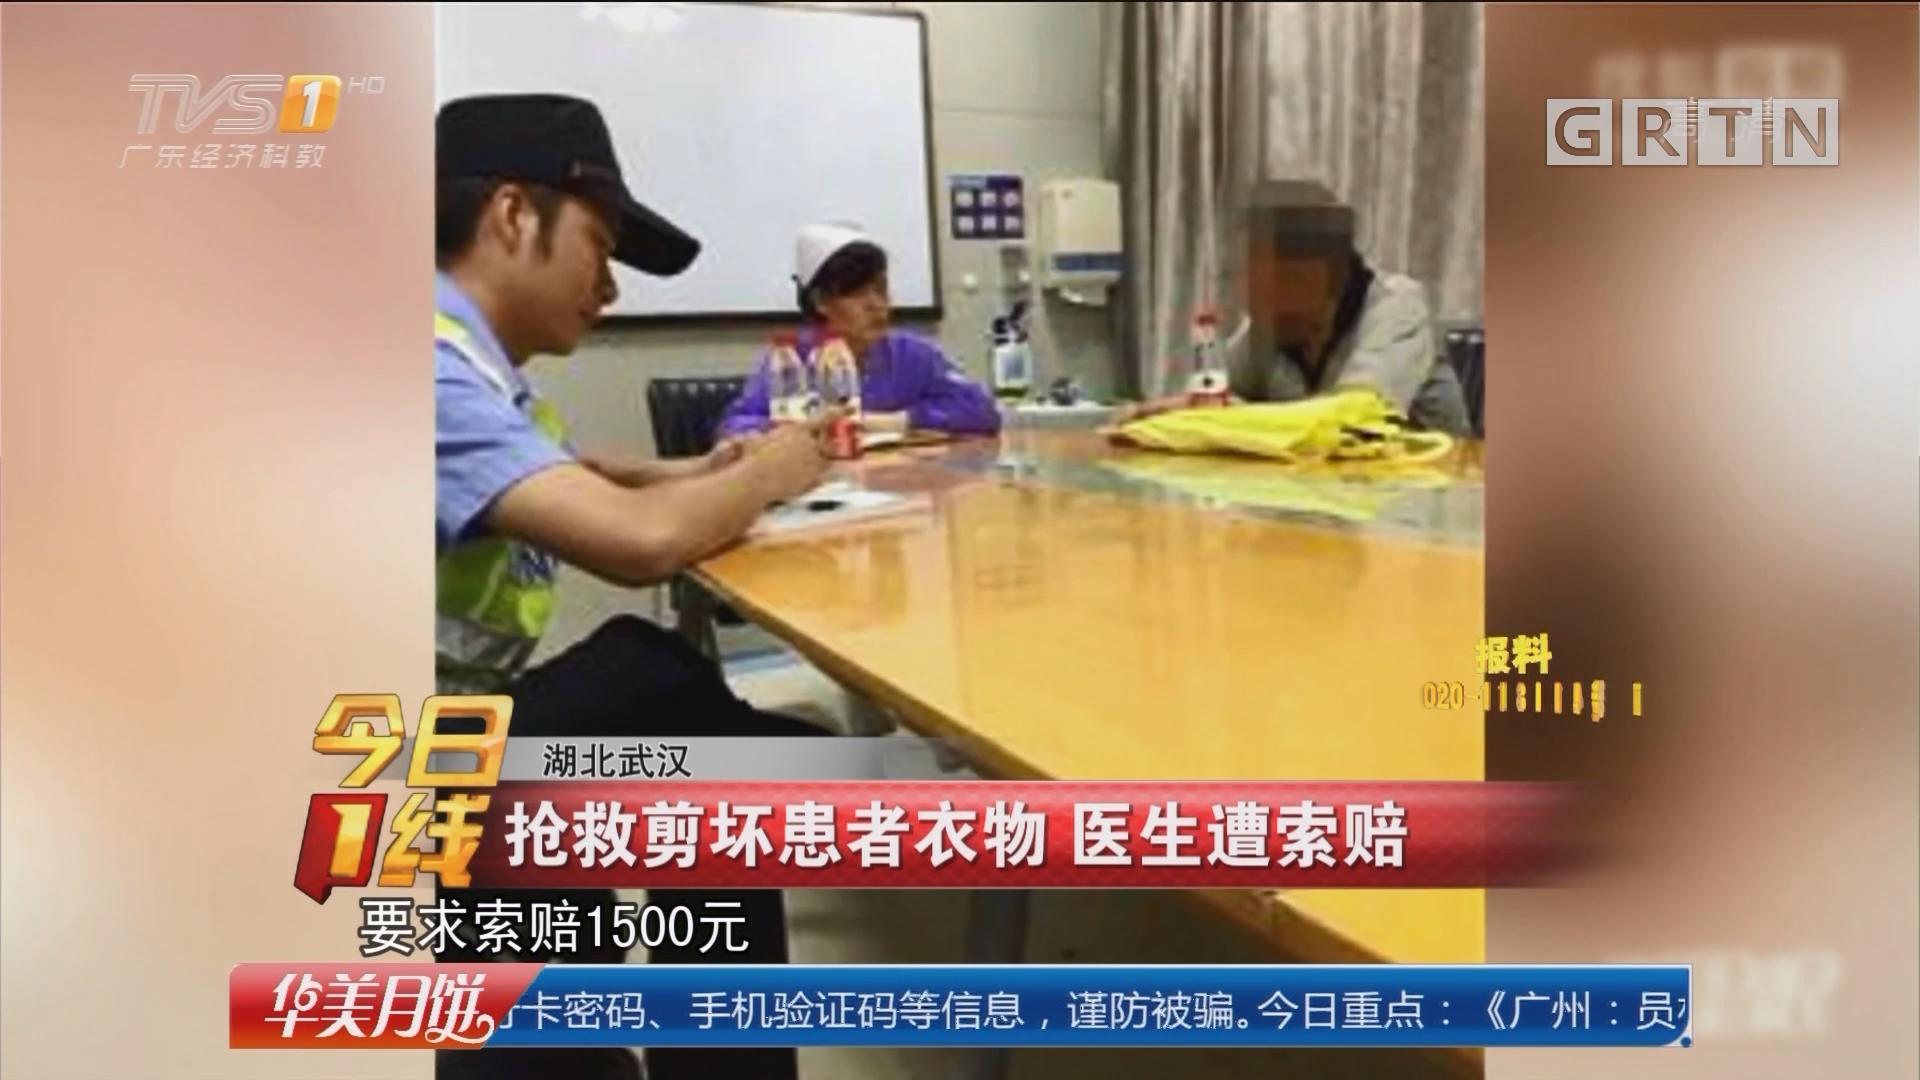 湖北武汉:抢救剪坏患者衣物 医生遭索赔